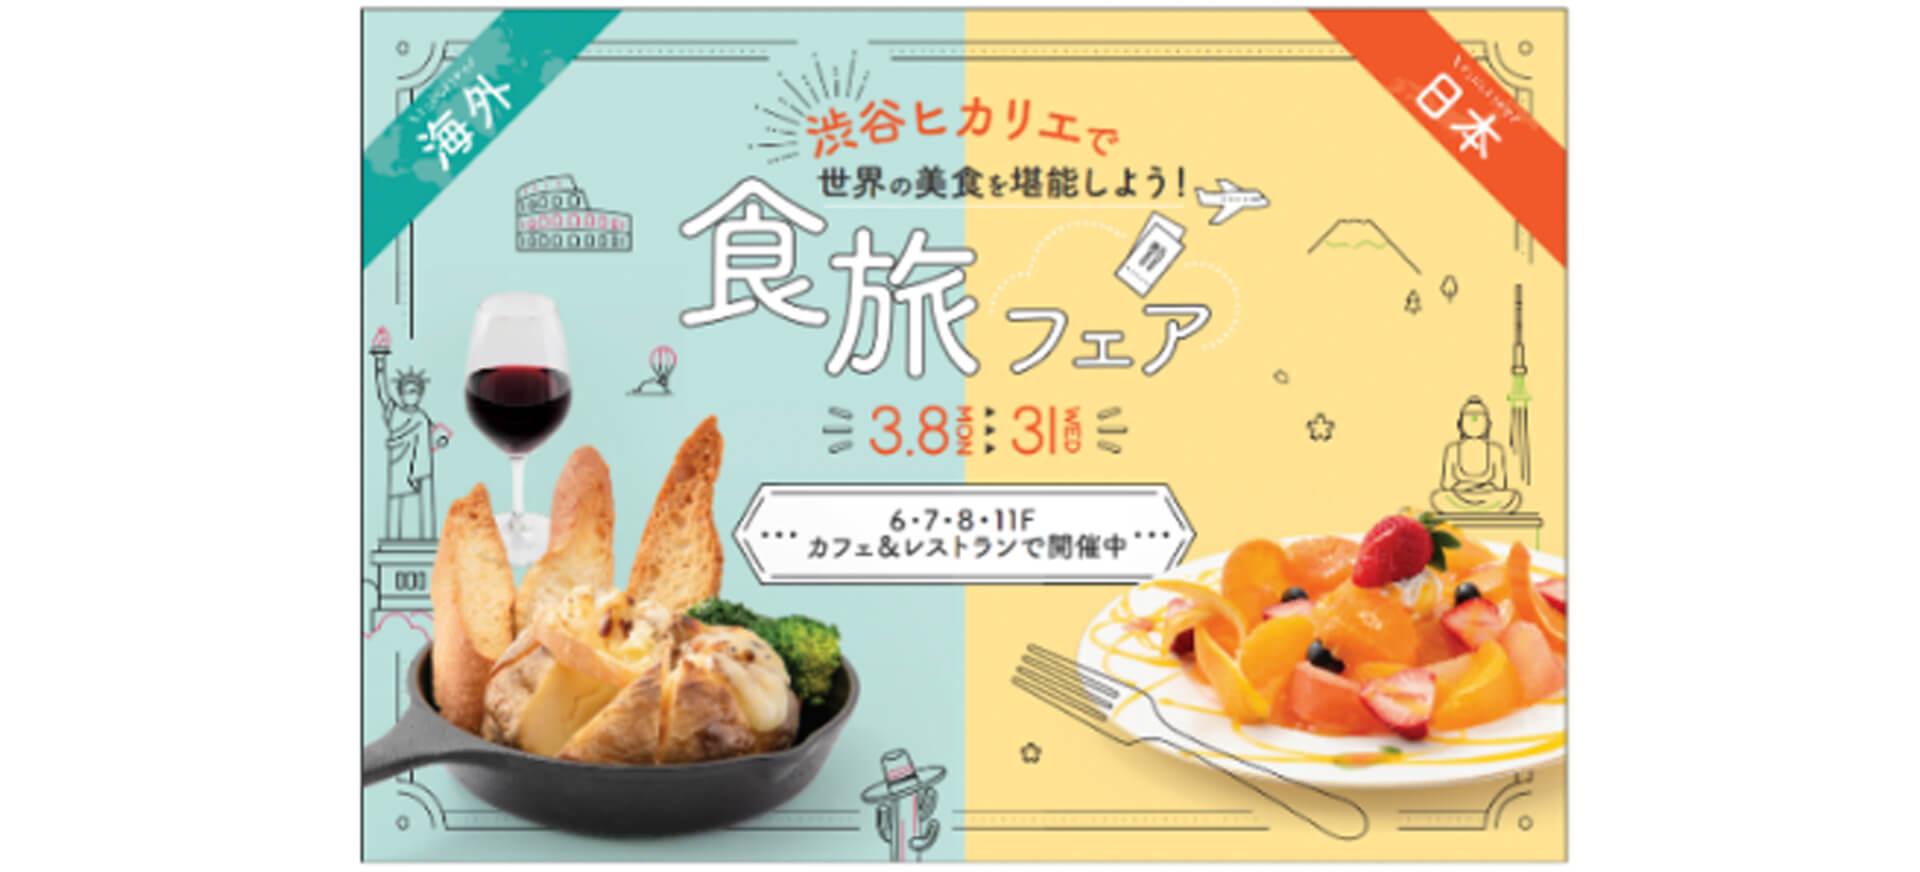 渋谷ヒカリエ「食旅フェア」